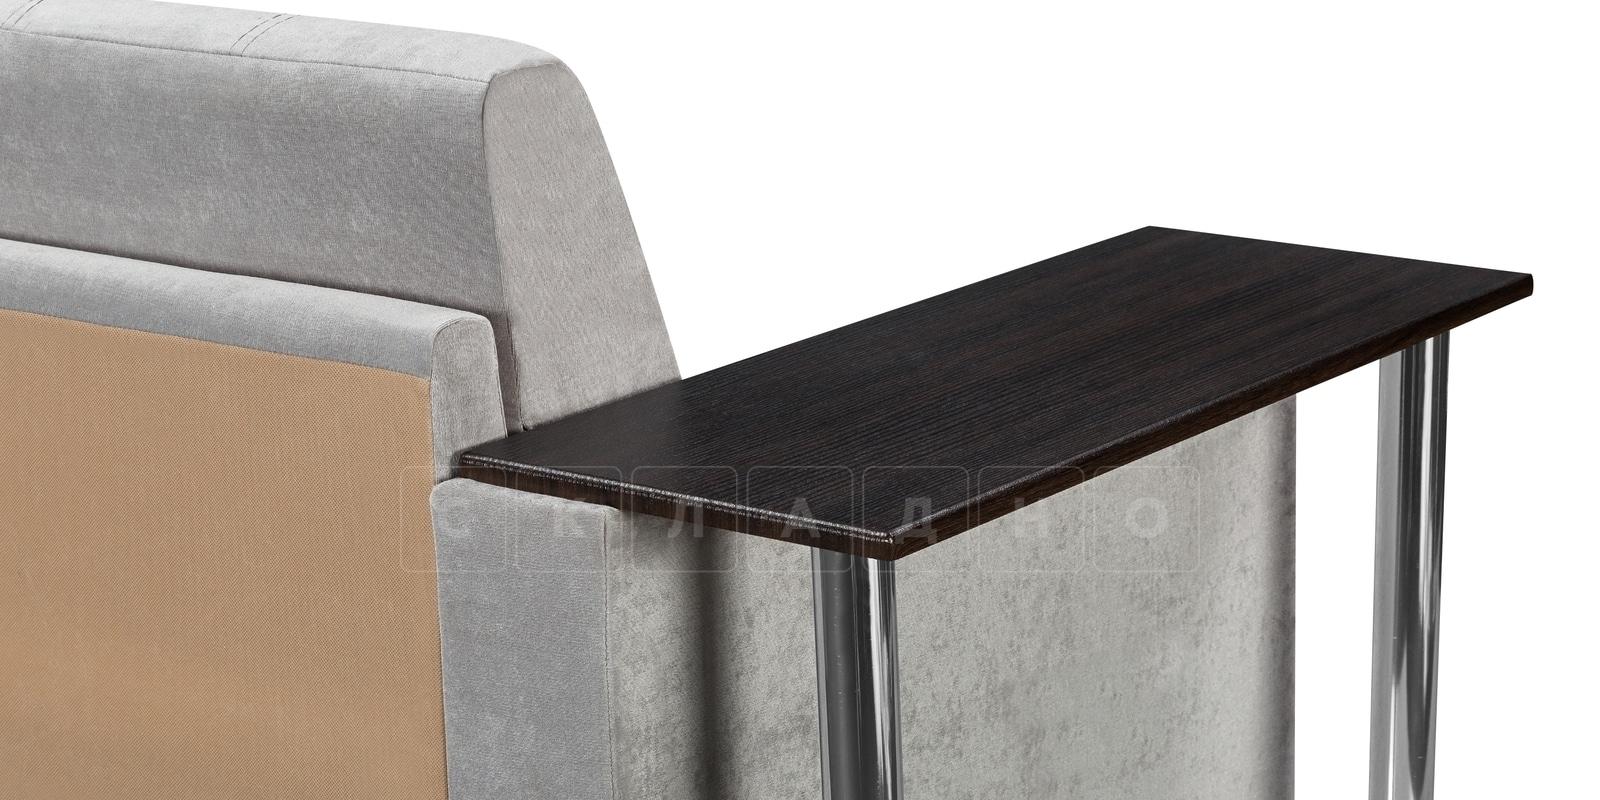 Угловой диван Атланта велюр светло-серый фото 6 | интернет-магазин Складно